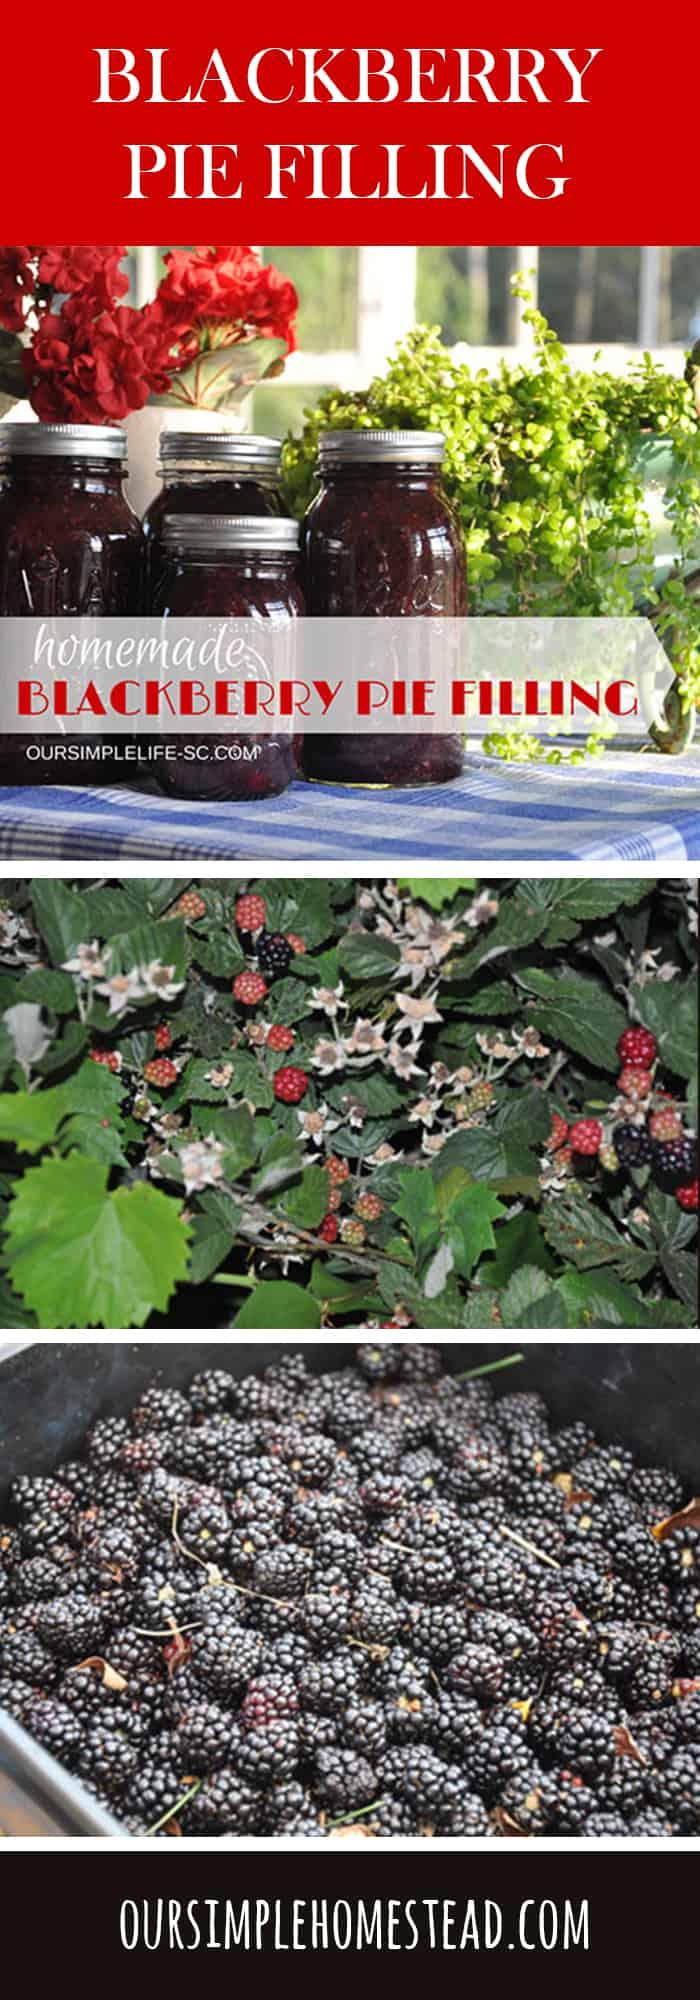 Blackberry Pie Filling Recipe - The Taste of Summer in a Jar